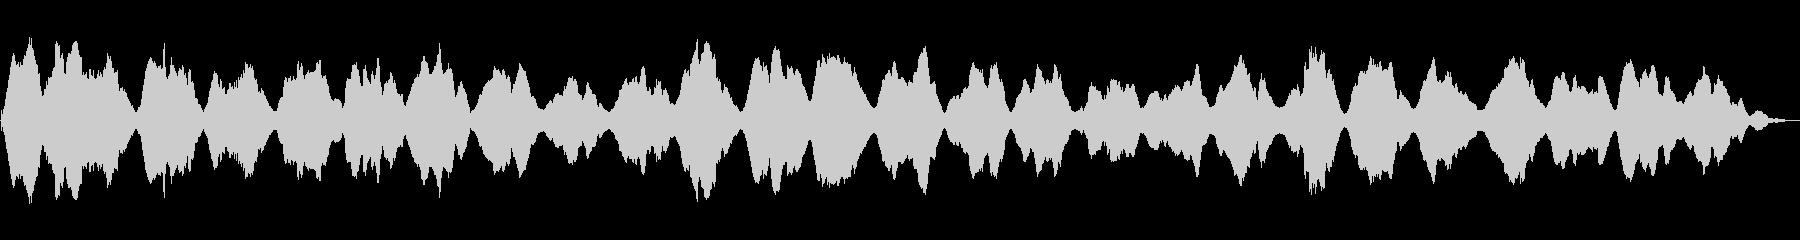 ドローン 淫乱01の未再生の波形